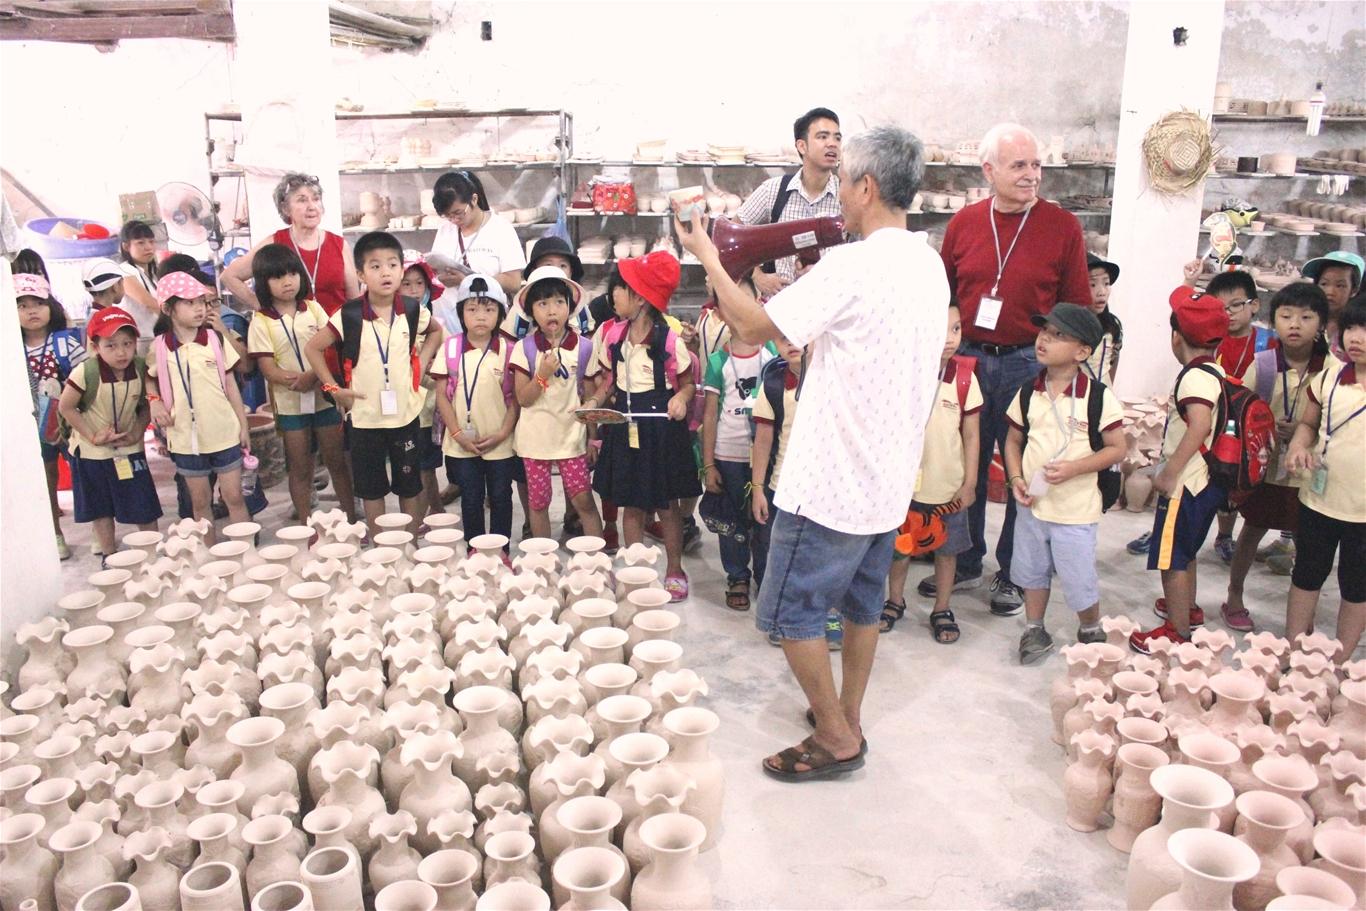 Kết quả hình ảnh cho các bé Tham quan làng nghề